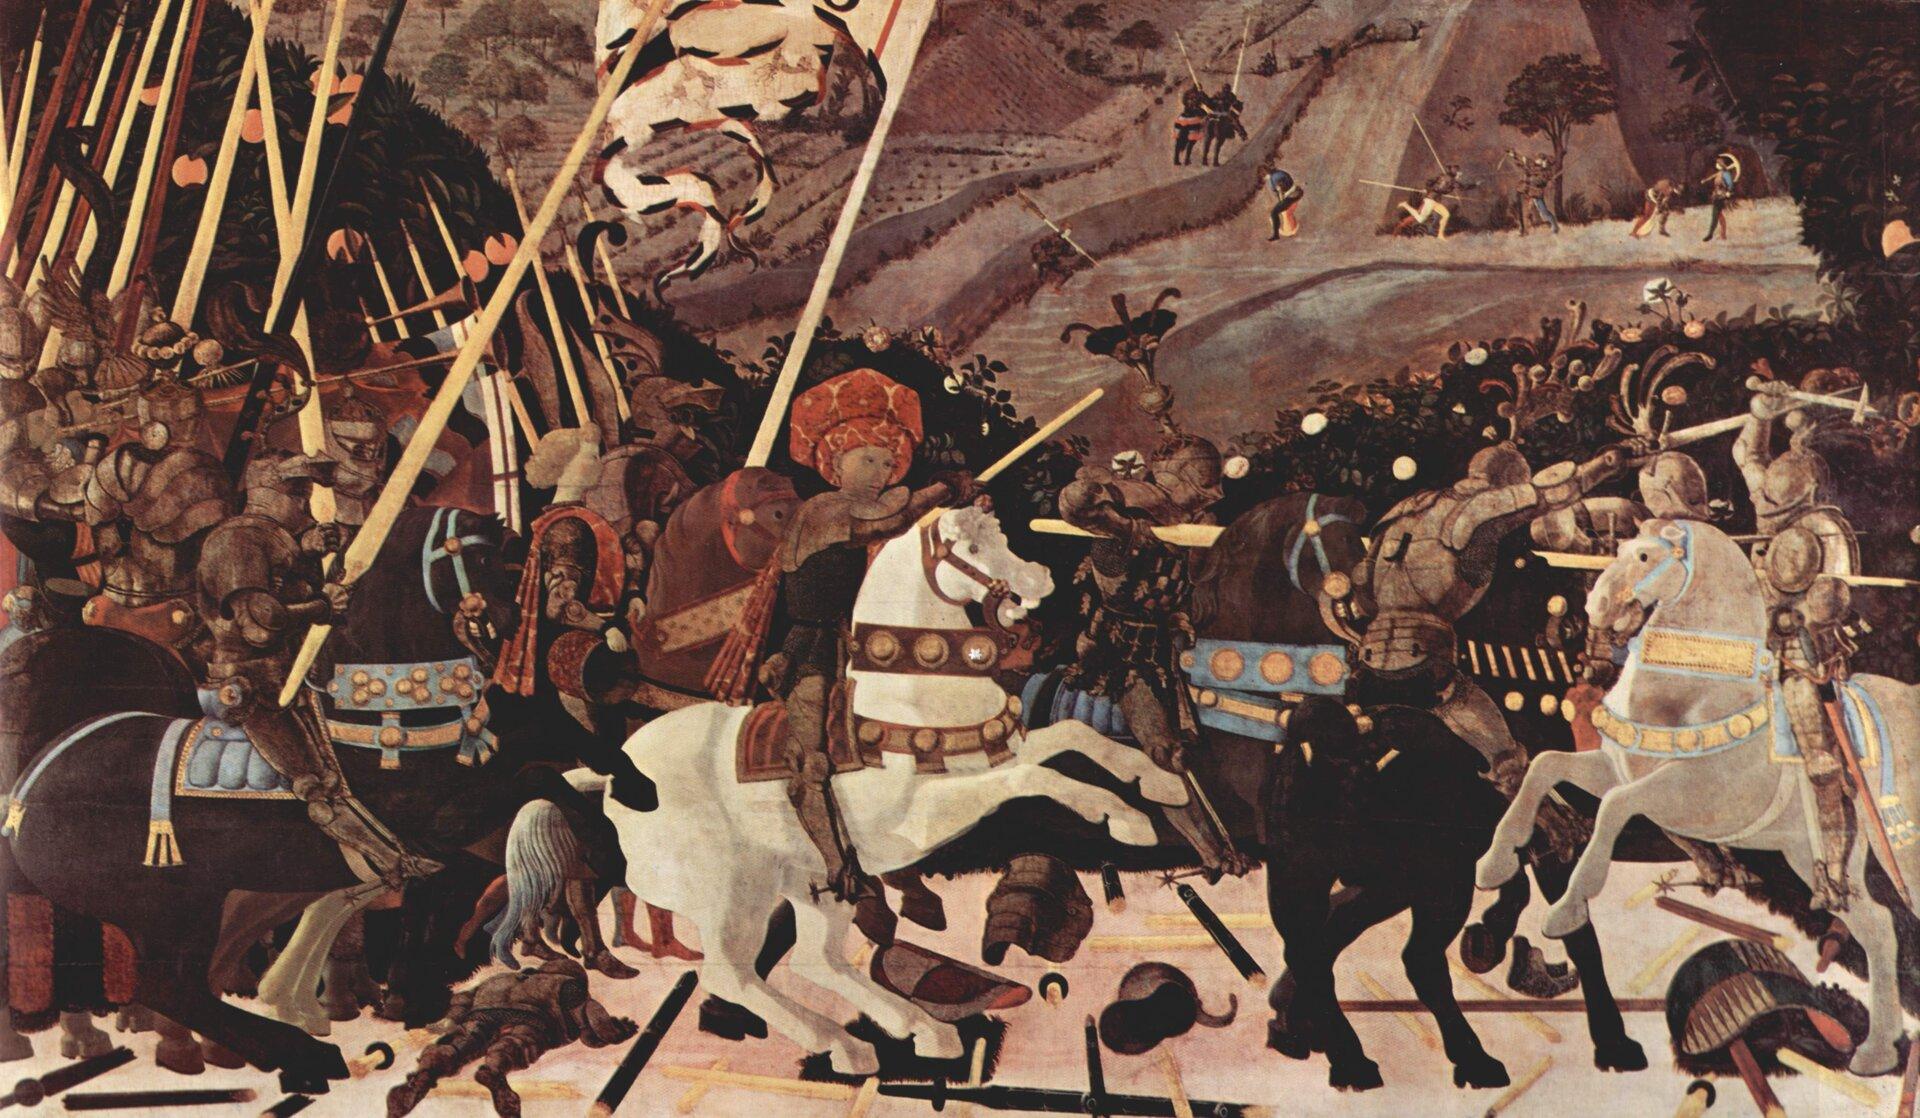 """Ilustracja przedstawia obraz Paola Uccello, """"Bitwa pod San Romano"""". Ukazuje scenę bitwy. Wcentralnej części obrazu, na białym koniu wojskami Florencji dowodzi kondotier, Niccolò da Tolentino, dosiadającego białego, stającego dęba konia. Mężczyzna ma na sobie rycerską zbroję iturban. Wprawej trzyma laskę dowódczą. Za nim na koniach podąża grupa uzbrojonych wlance rycerzy. Jeden znich trzyma sztandar. Pomiędzy rycerzami młodzieńcy dmą wtrąby. Po prawej stronie, pomiędzy rycerzami toczy się walka. Scena rozgrywa się na tle wzgórza, na którym polują myśliwi. Woddali znajdują się dwaj rycerze na koniach."""